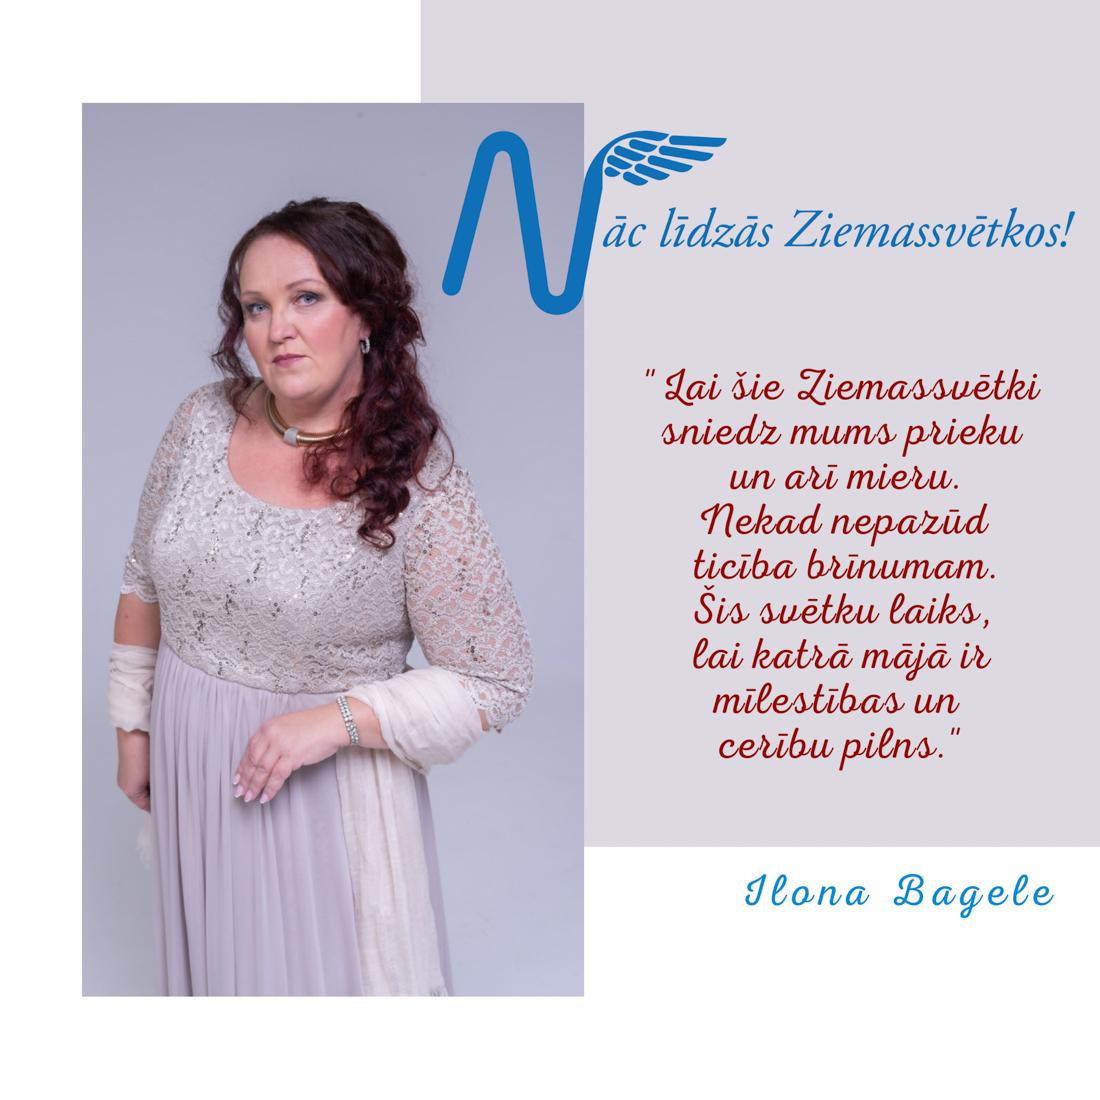 4 Ilona Bagele